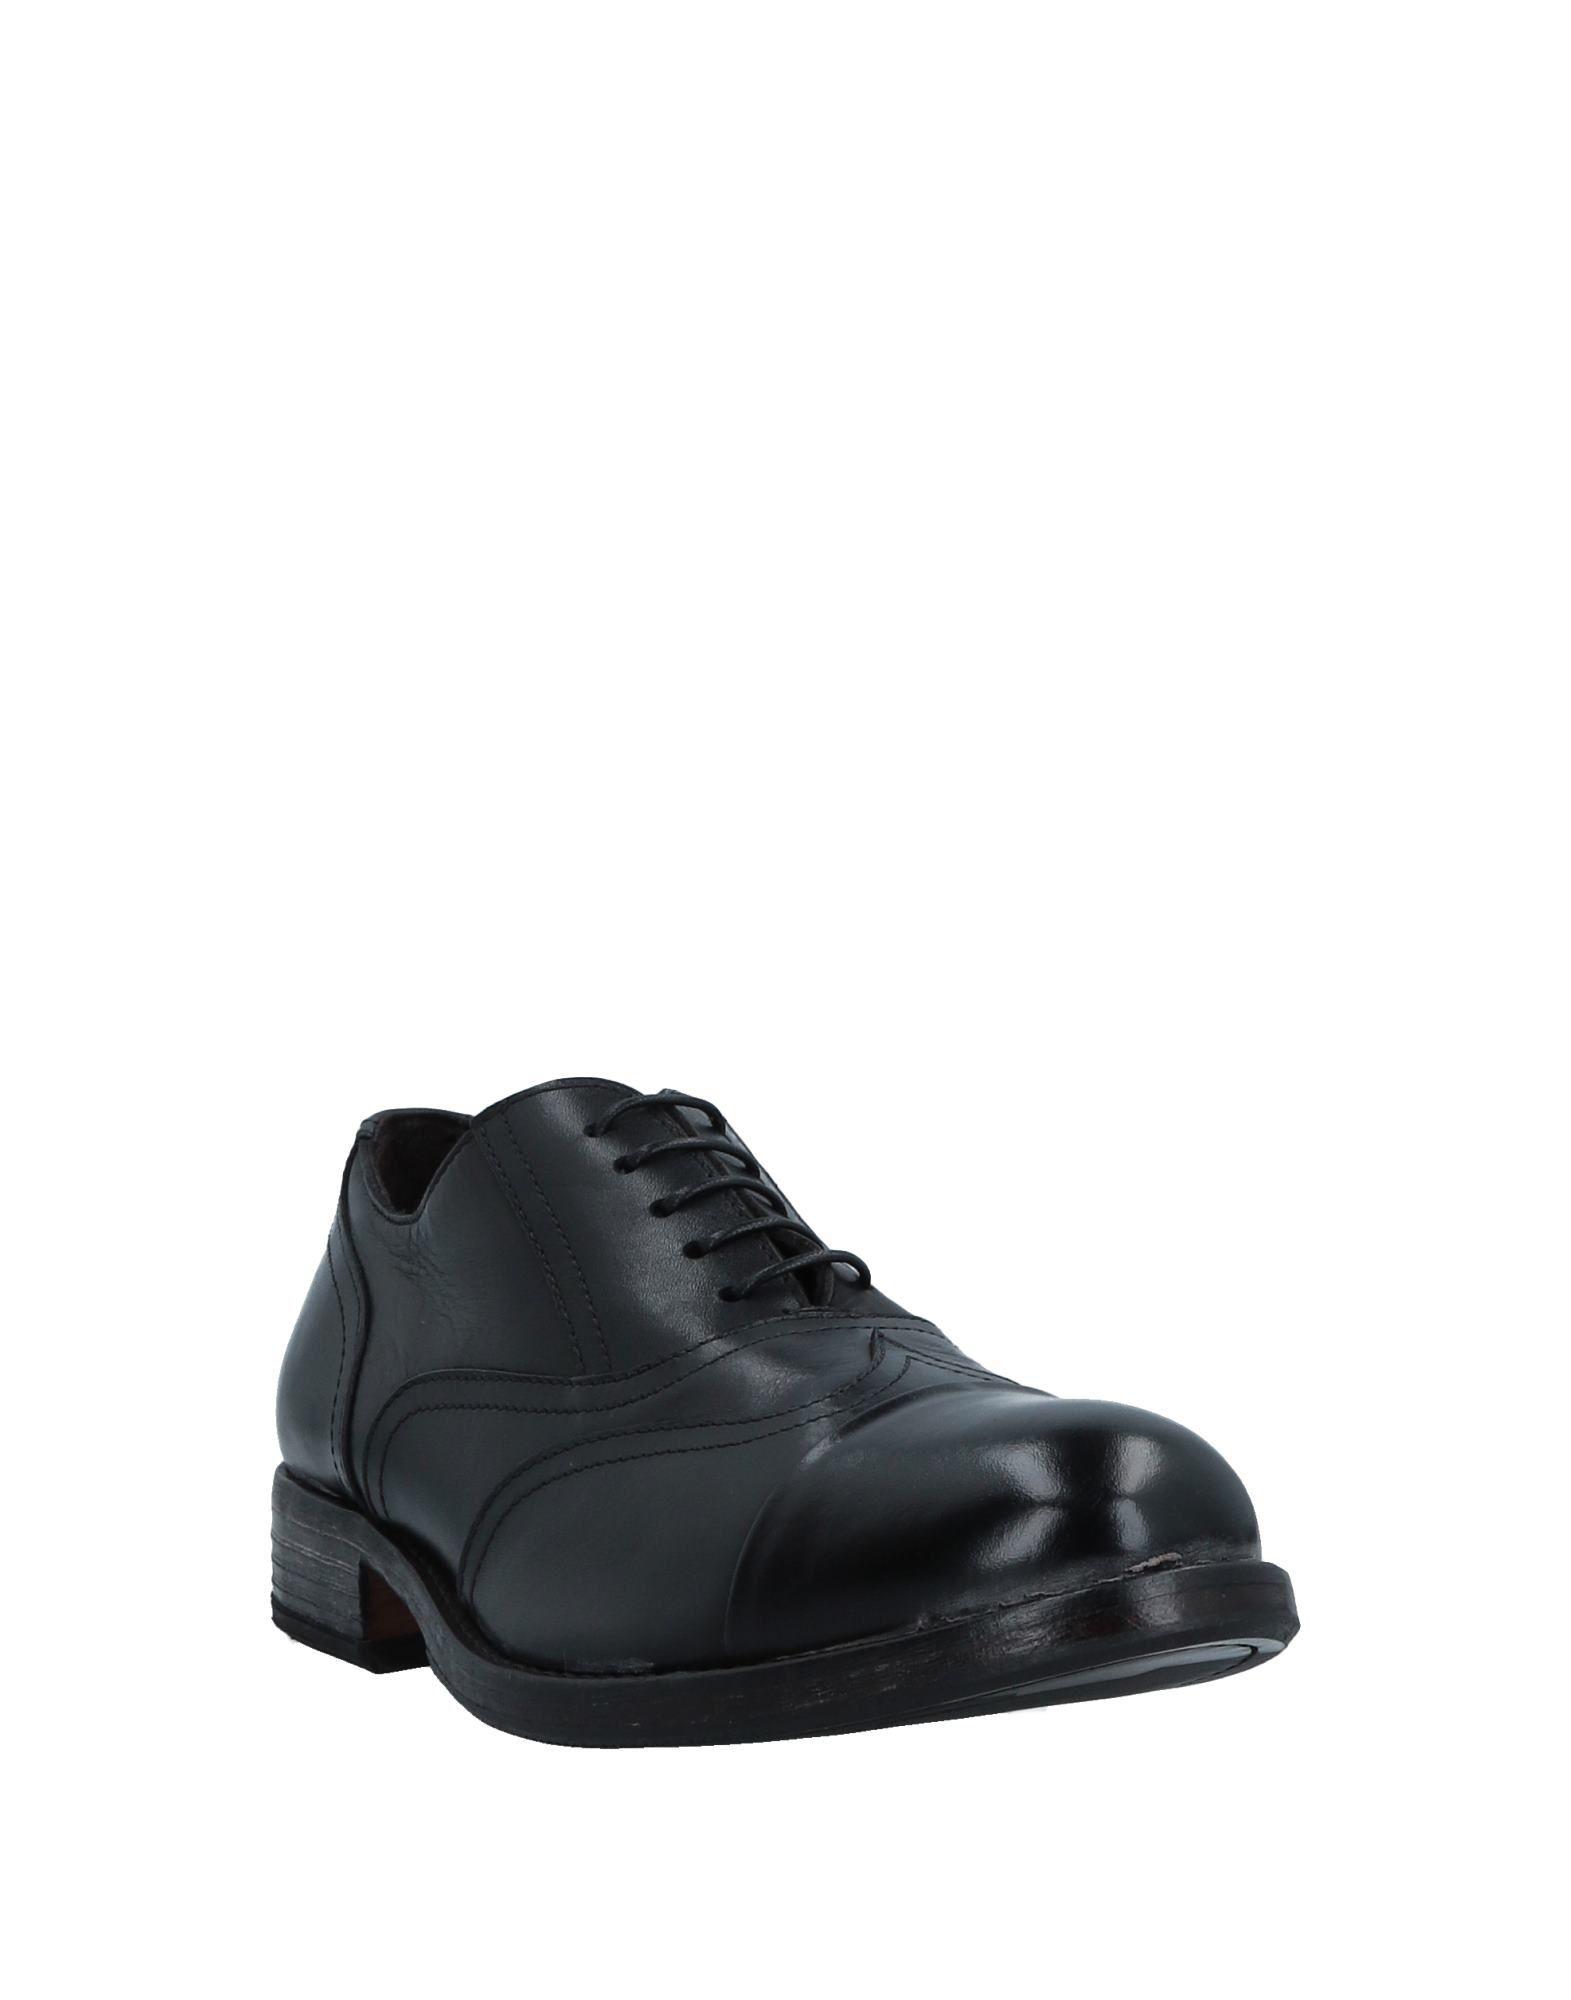 Moma Schnürschuhe Herren  Schuhe 11516522KV Gute Qualität beliebte Schuhe  f7a5d8